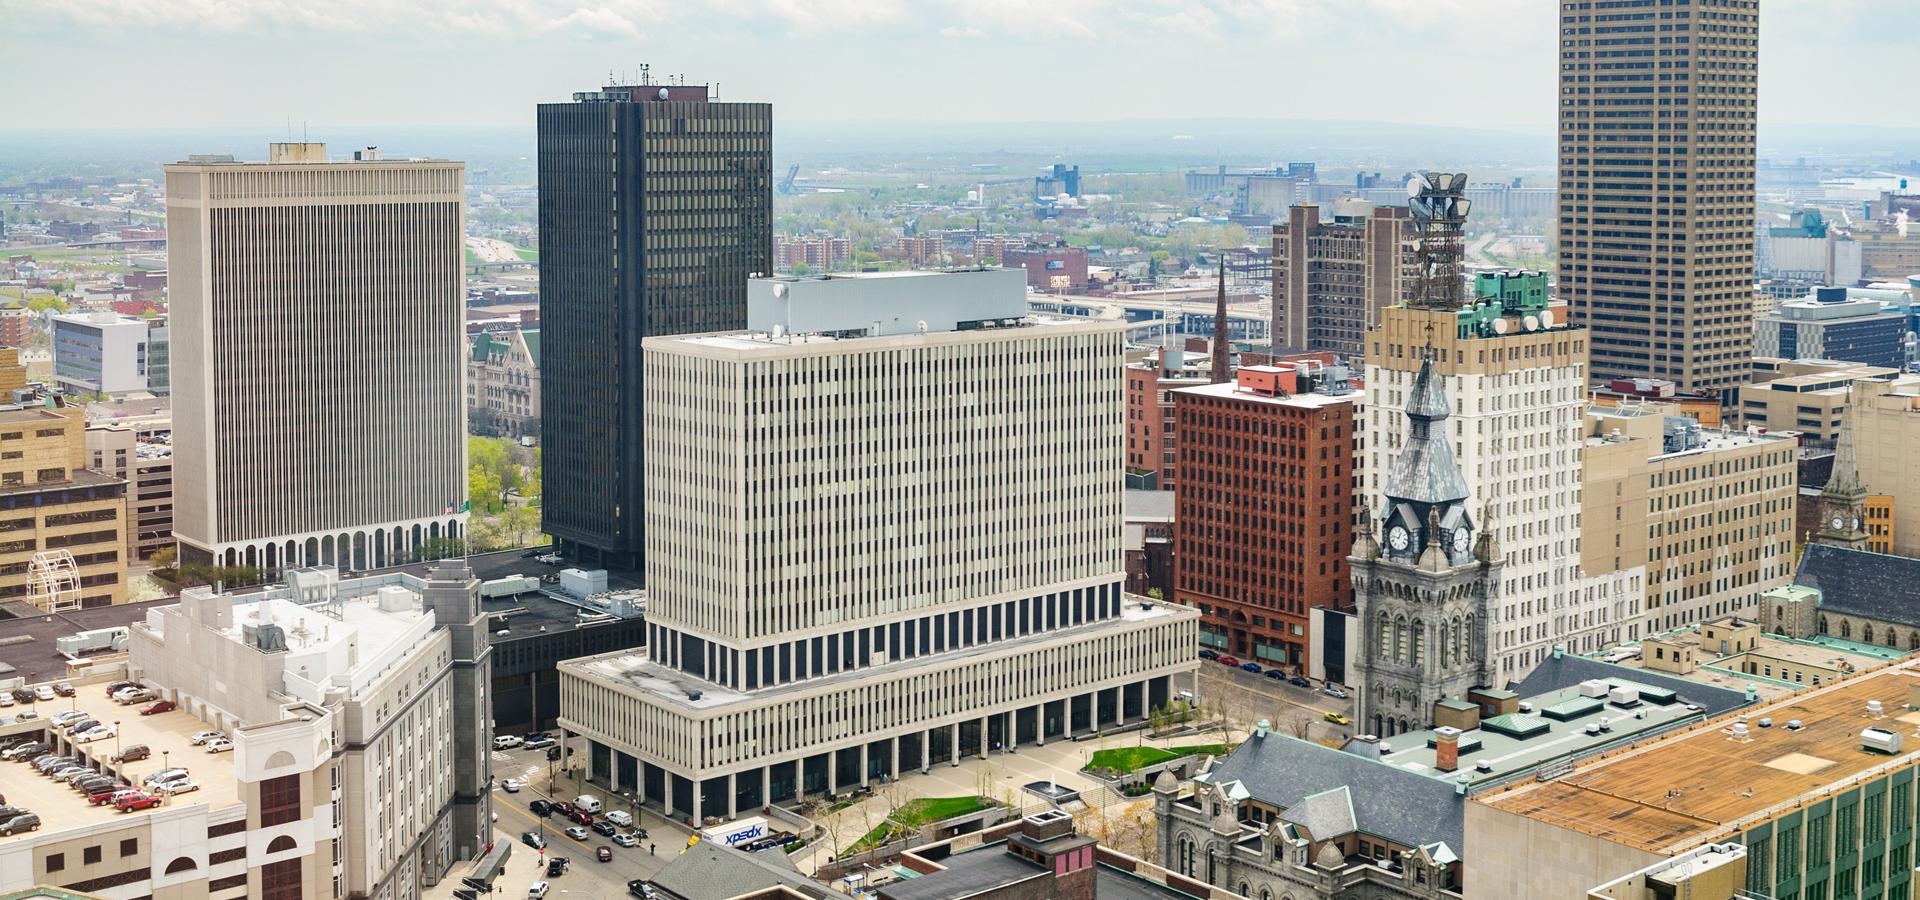 Peer-to-peer advisory in Buffalo, New York, USA